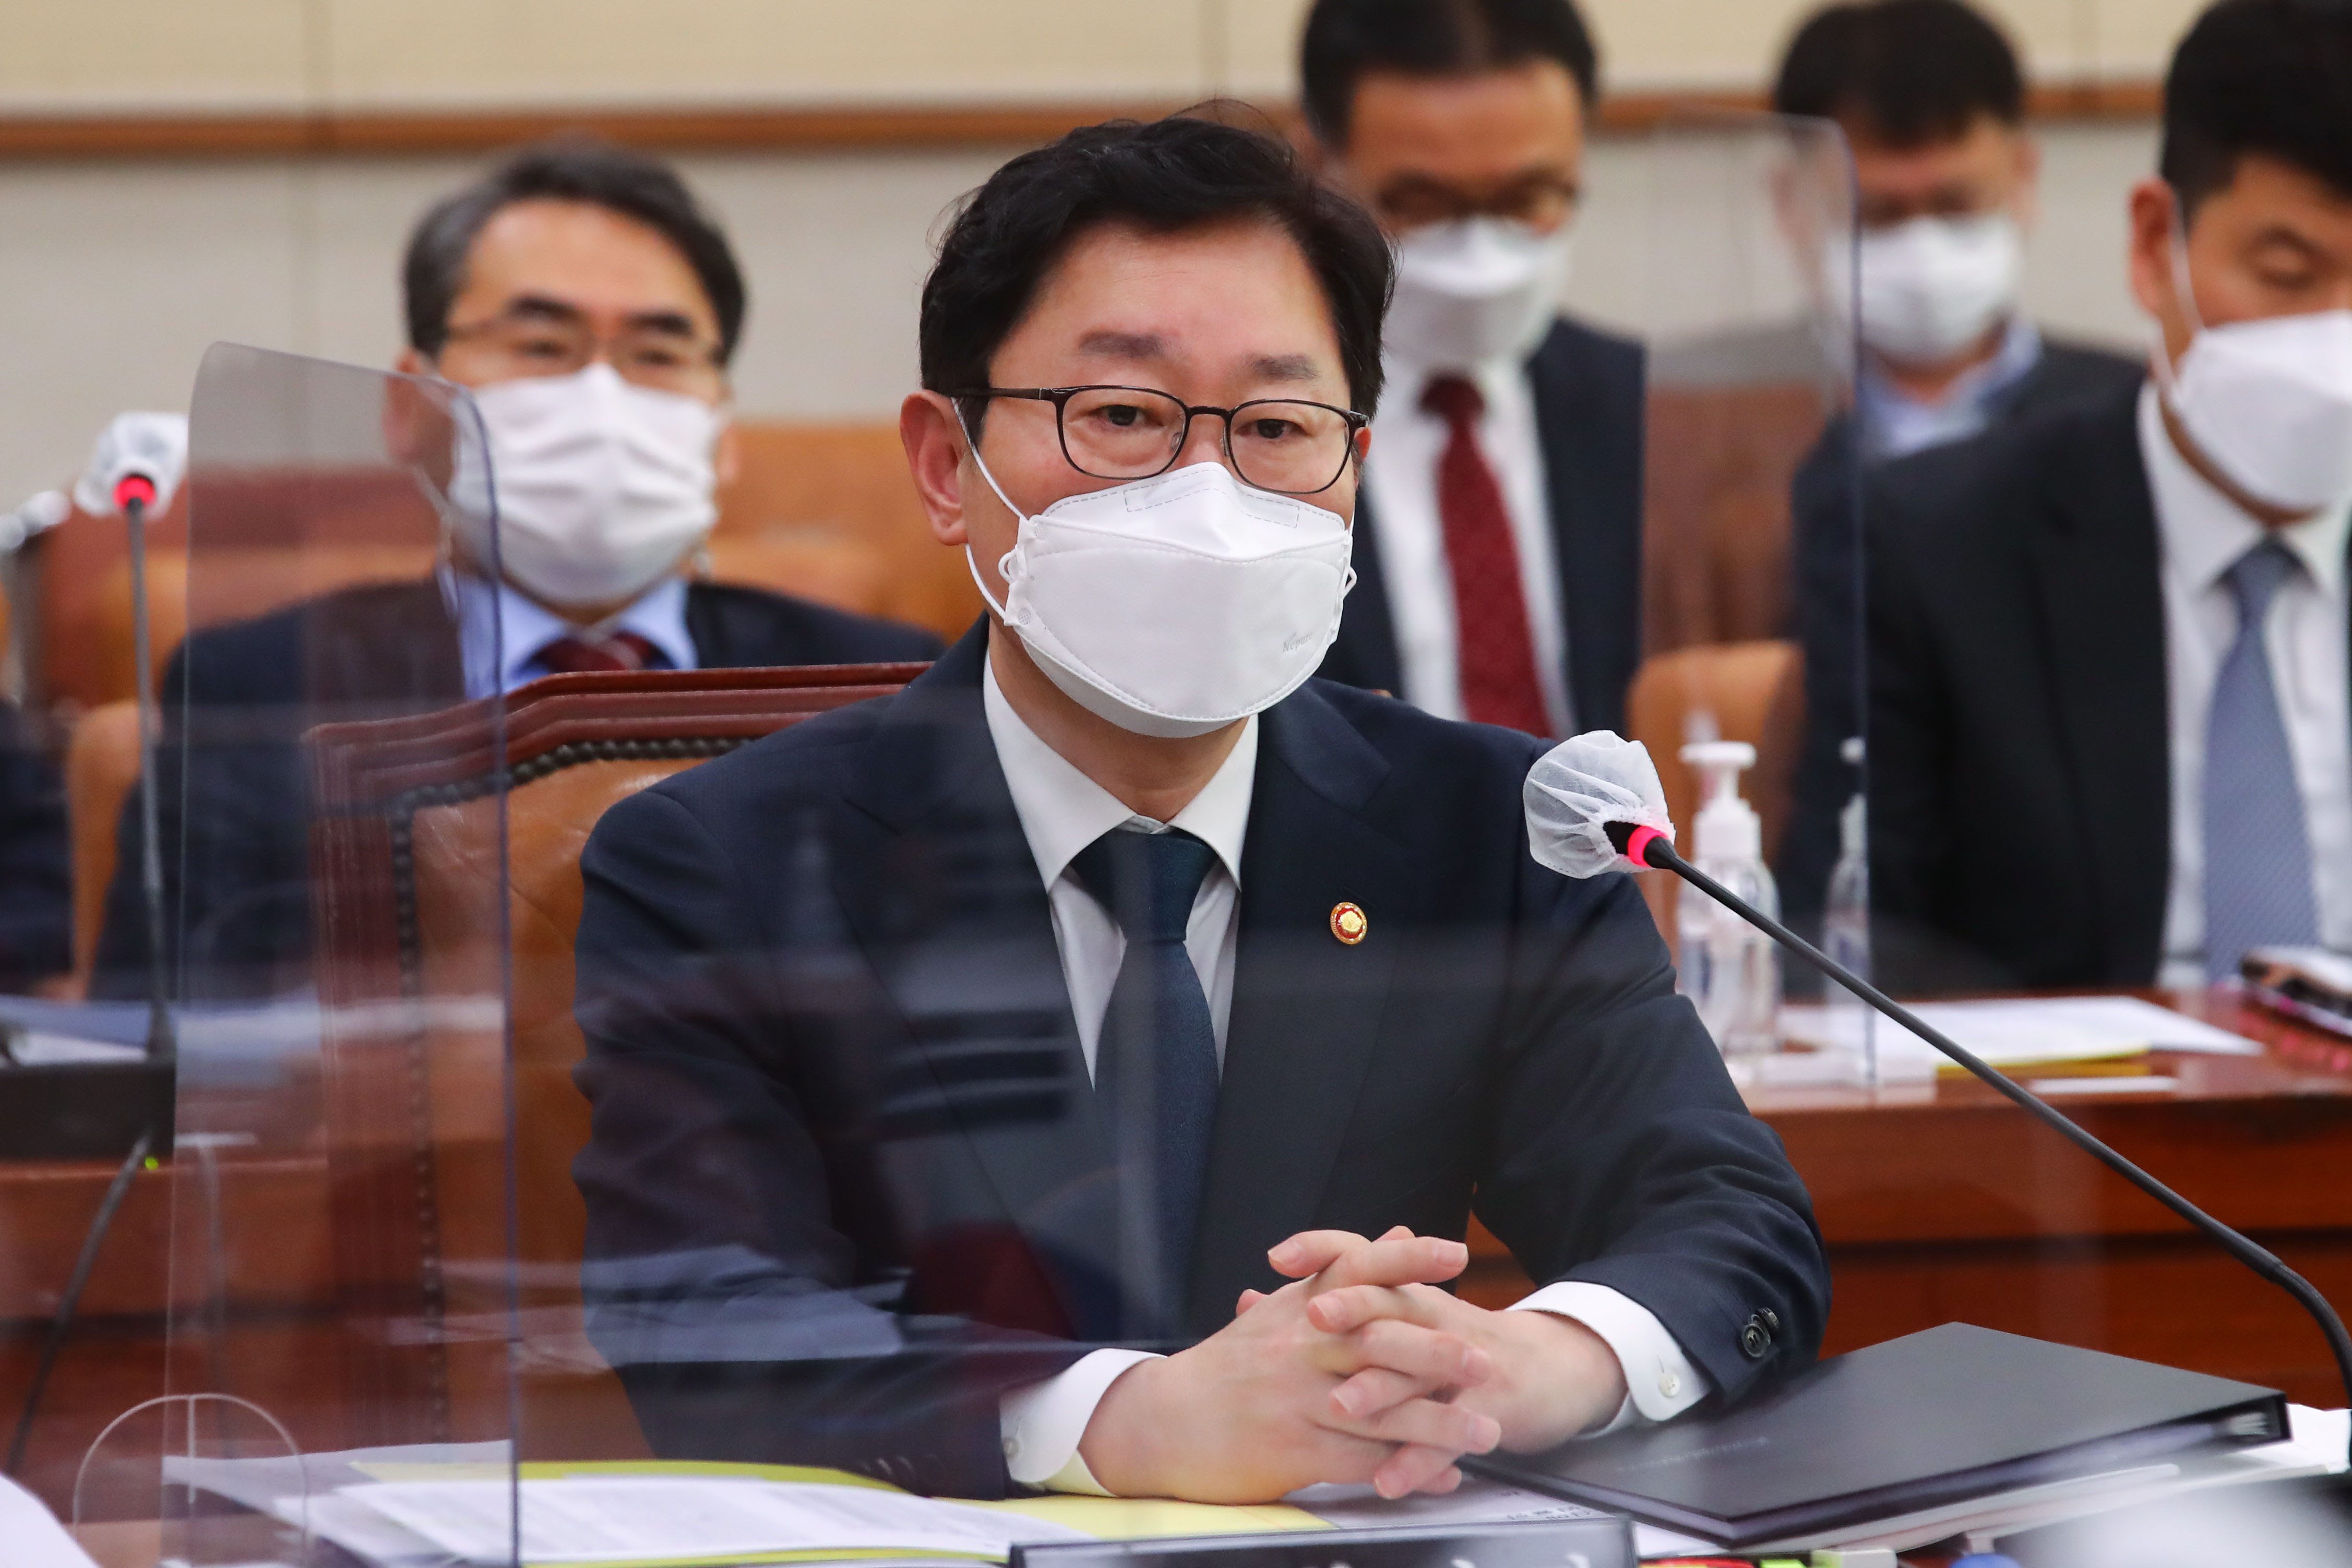 ▲▼南韓法務部一名職員確診,部長朴範界緊急接受新冠篩檢。(圖/達志影像)